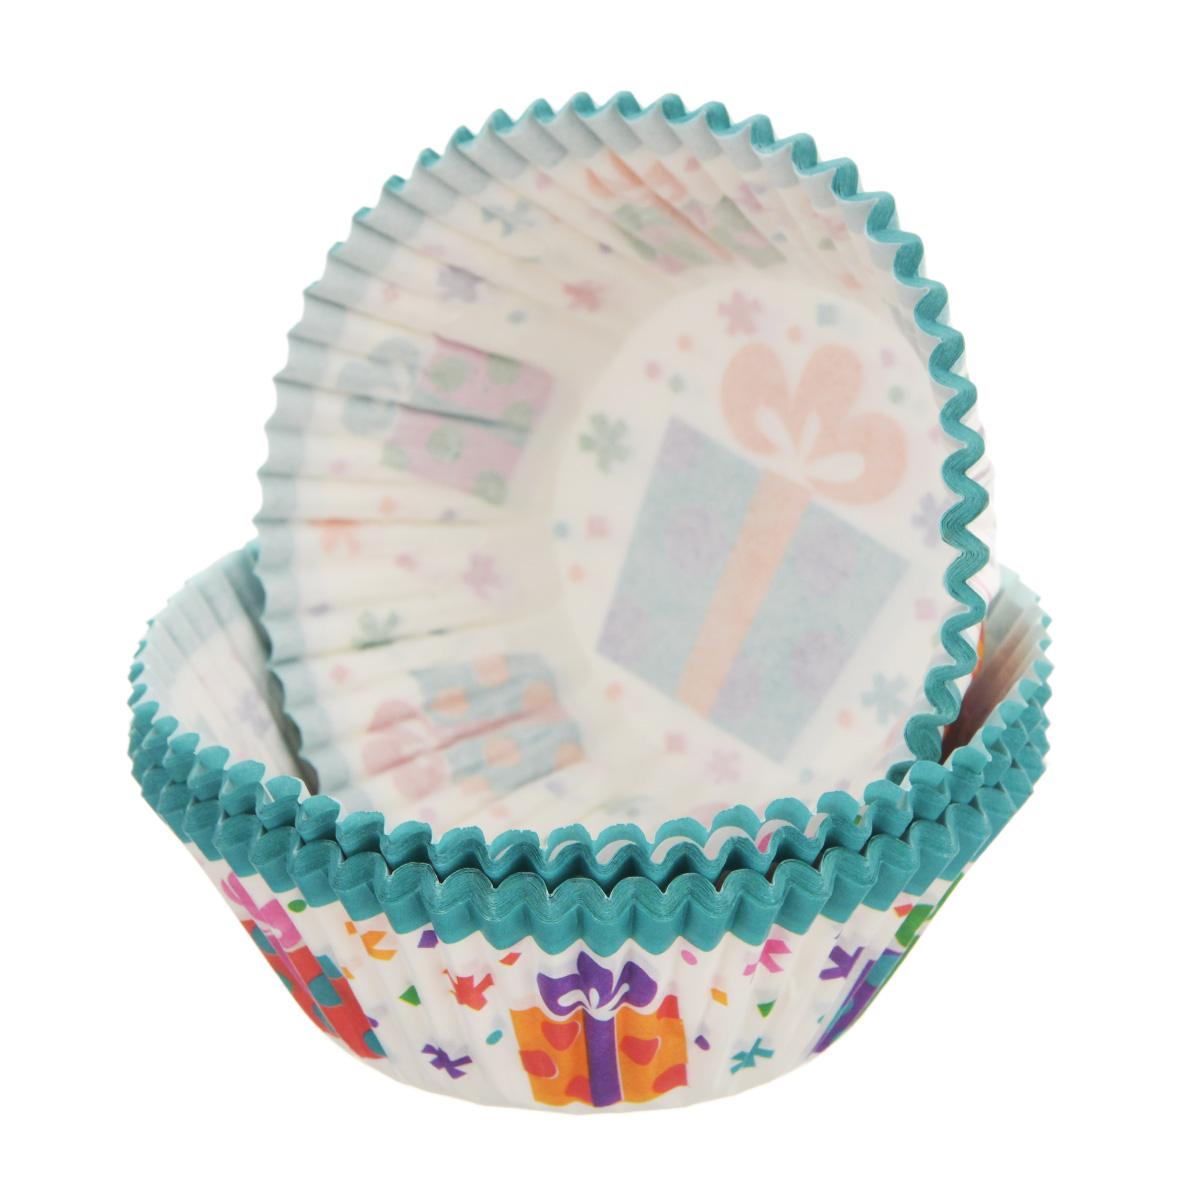 """Набор Wilton """"Праздник"""" состоит из 75 бумажных форм для кексов. Они предназначены для выпечки и упаковки кондитерских изделий, также могут использоваться для сервировки орешков, конфет и прочего. Формы не требуют предварительной смазки маслом или жиром. Для одноразового применения.  Гофрированные бумажные формы идеальны для выпечки кексов, булочек и пирожных.   Диаметр по верхнему краю: 7,4 см. Диаметр по нижнему краю: 5 см. Высота стенки: 3 см.  Комплектация: 75 шт."""